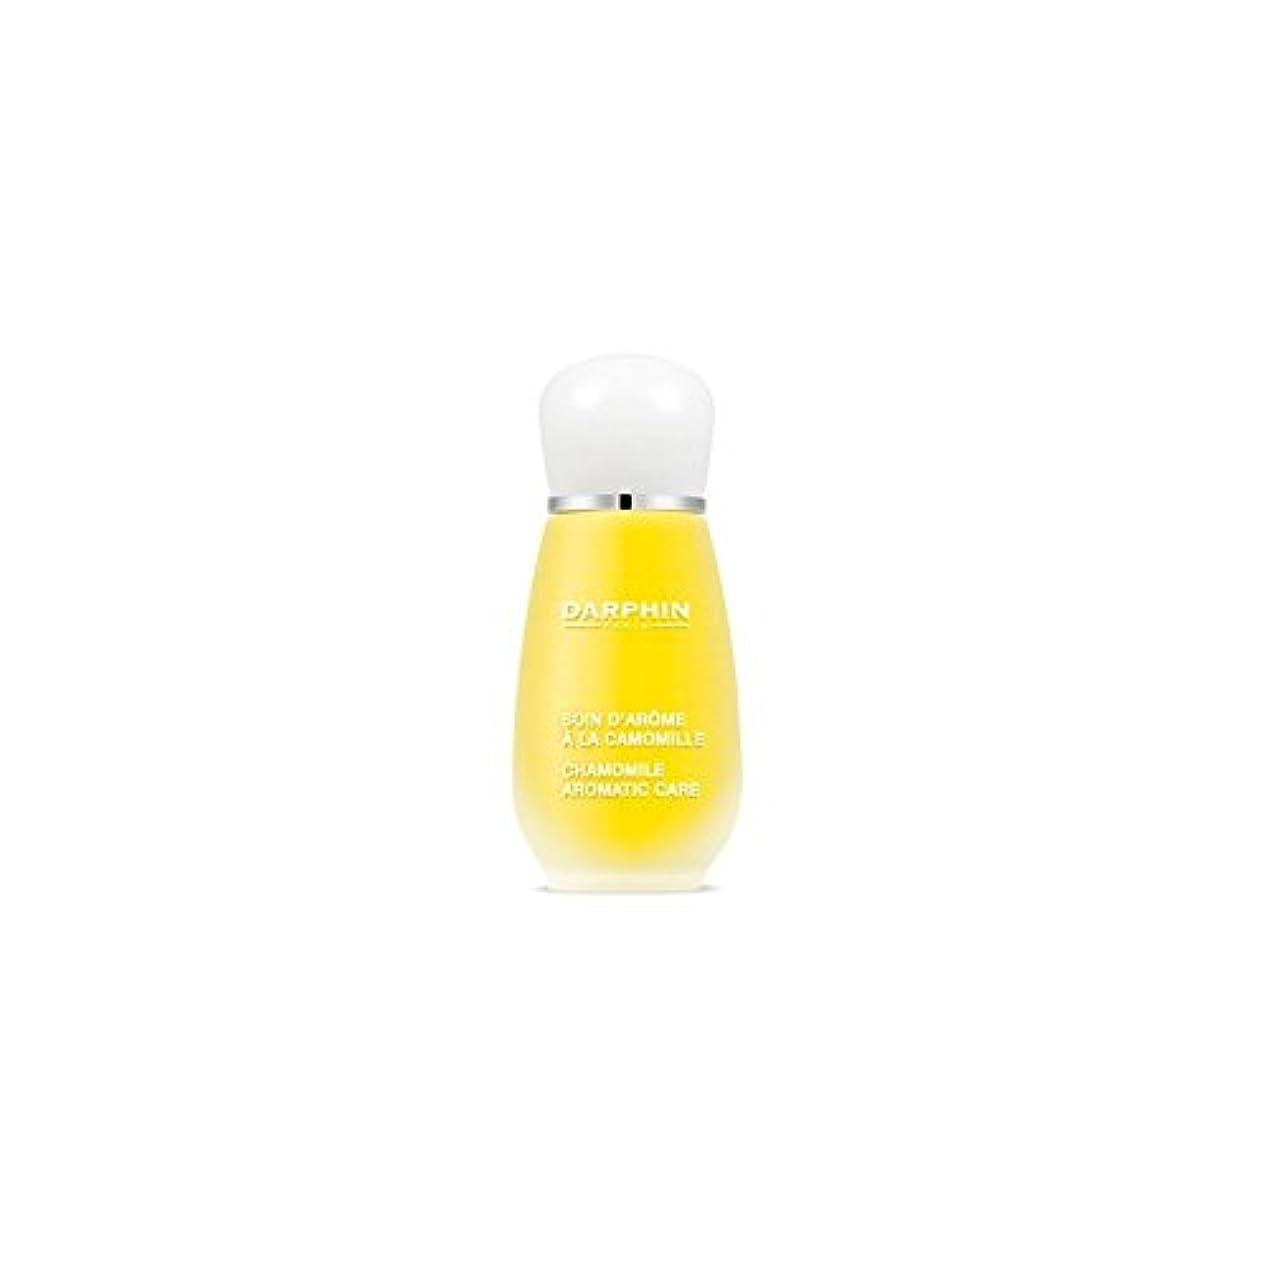 破壊的雨の操縦するダルファンカモミール芳香ケア(15ミリリットル) x2 - Darphin Chamomile Aromatic Care (15ml) (Pack of 2) [並行輸入品]